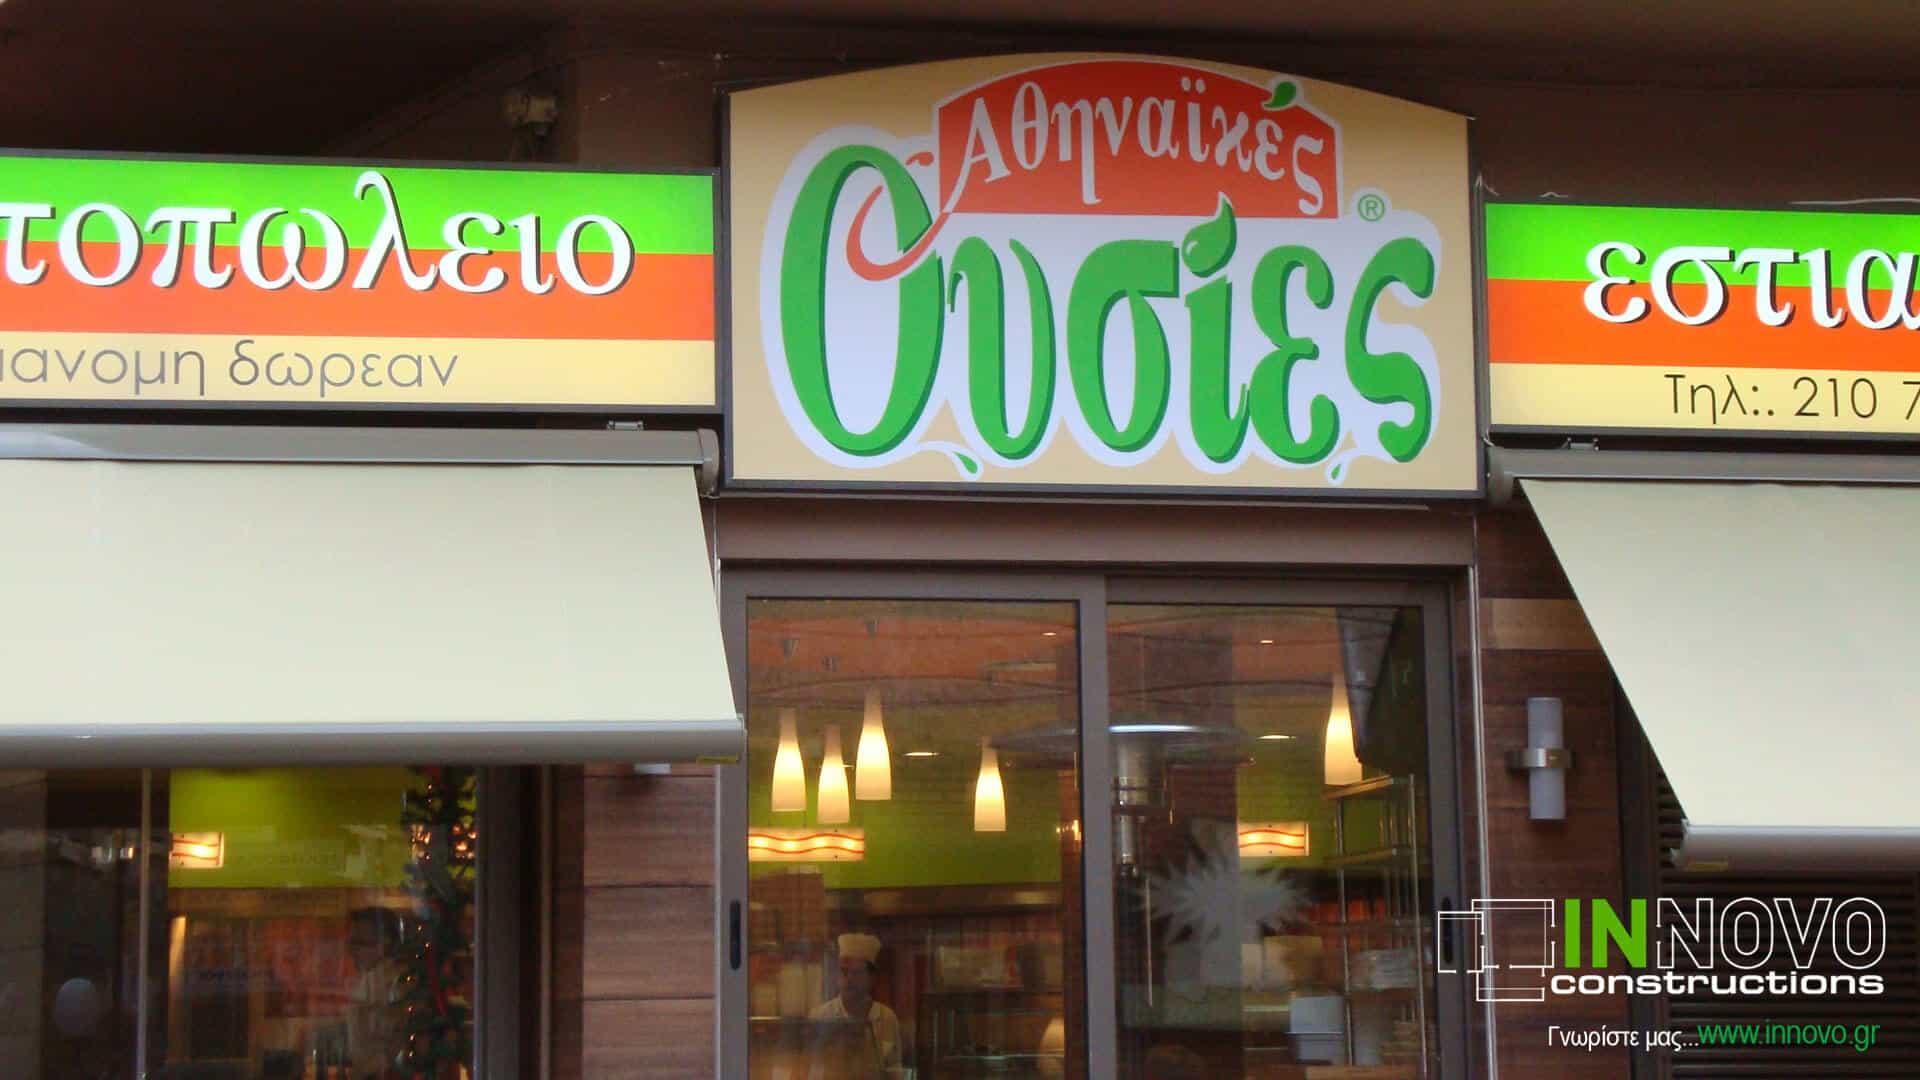 kataskevi-psitopoleiou-restaurant-construction-tsiolis-pagkrati-ousies-955-7